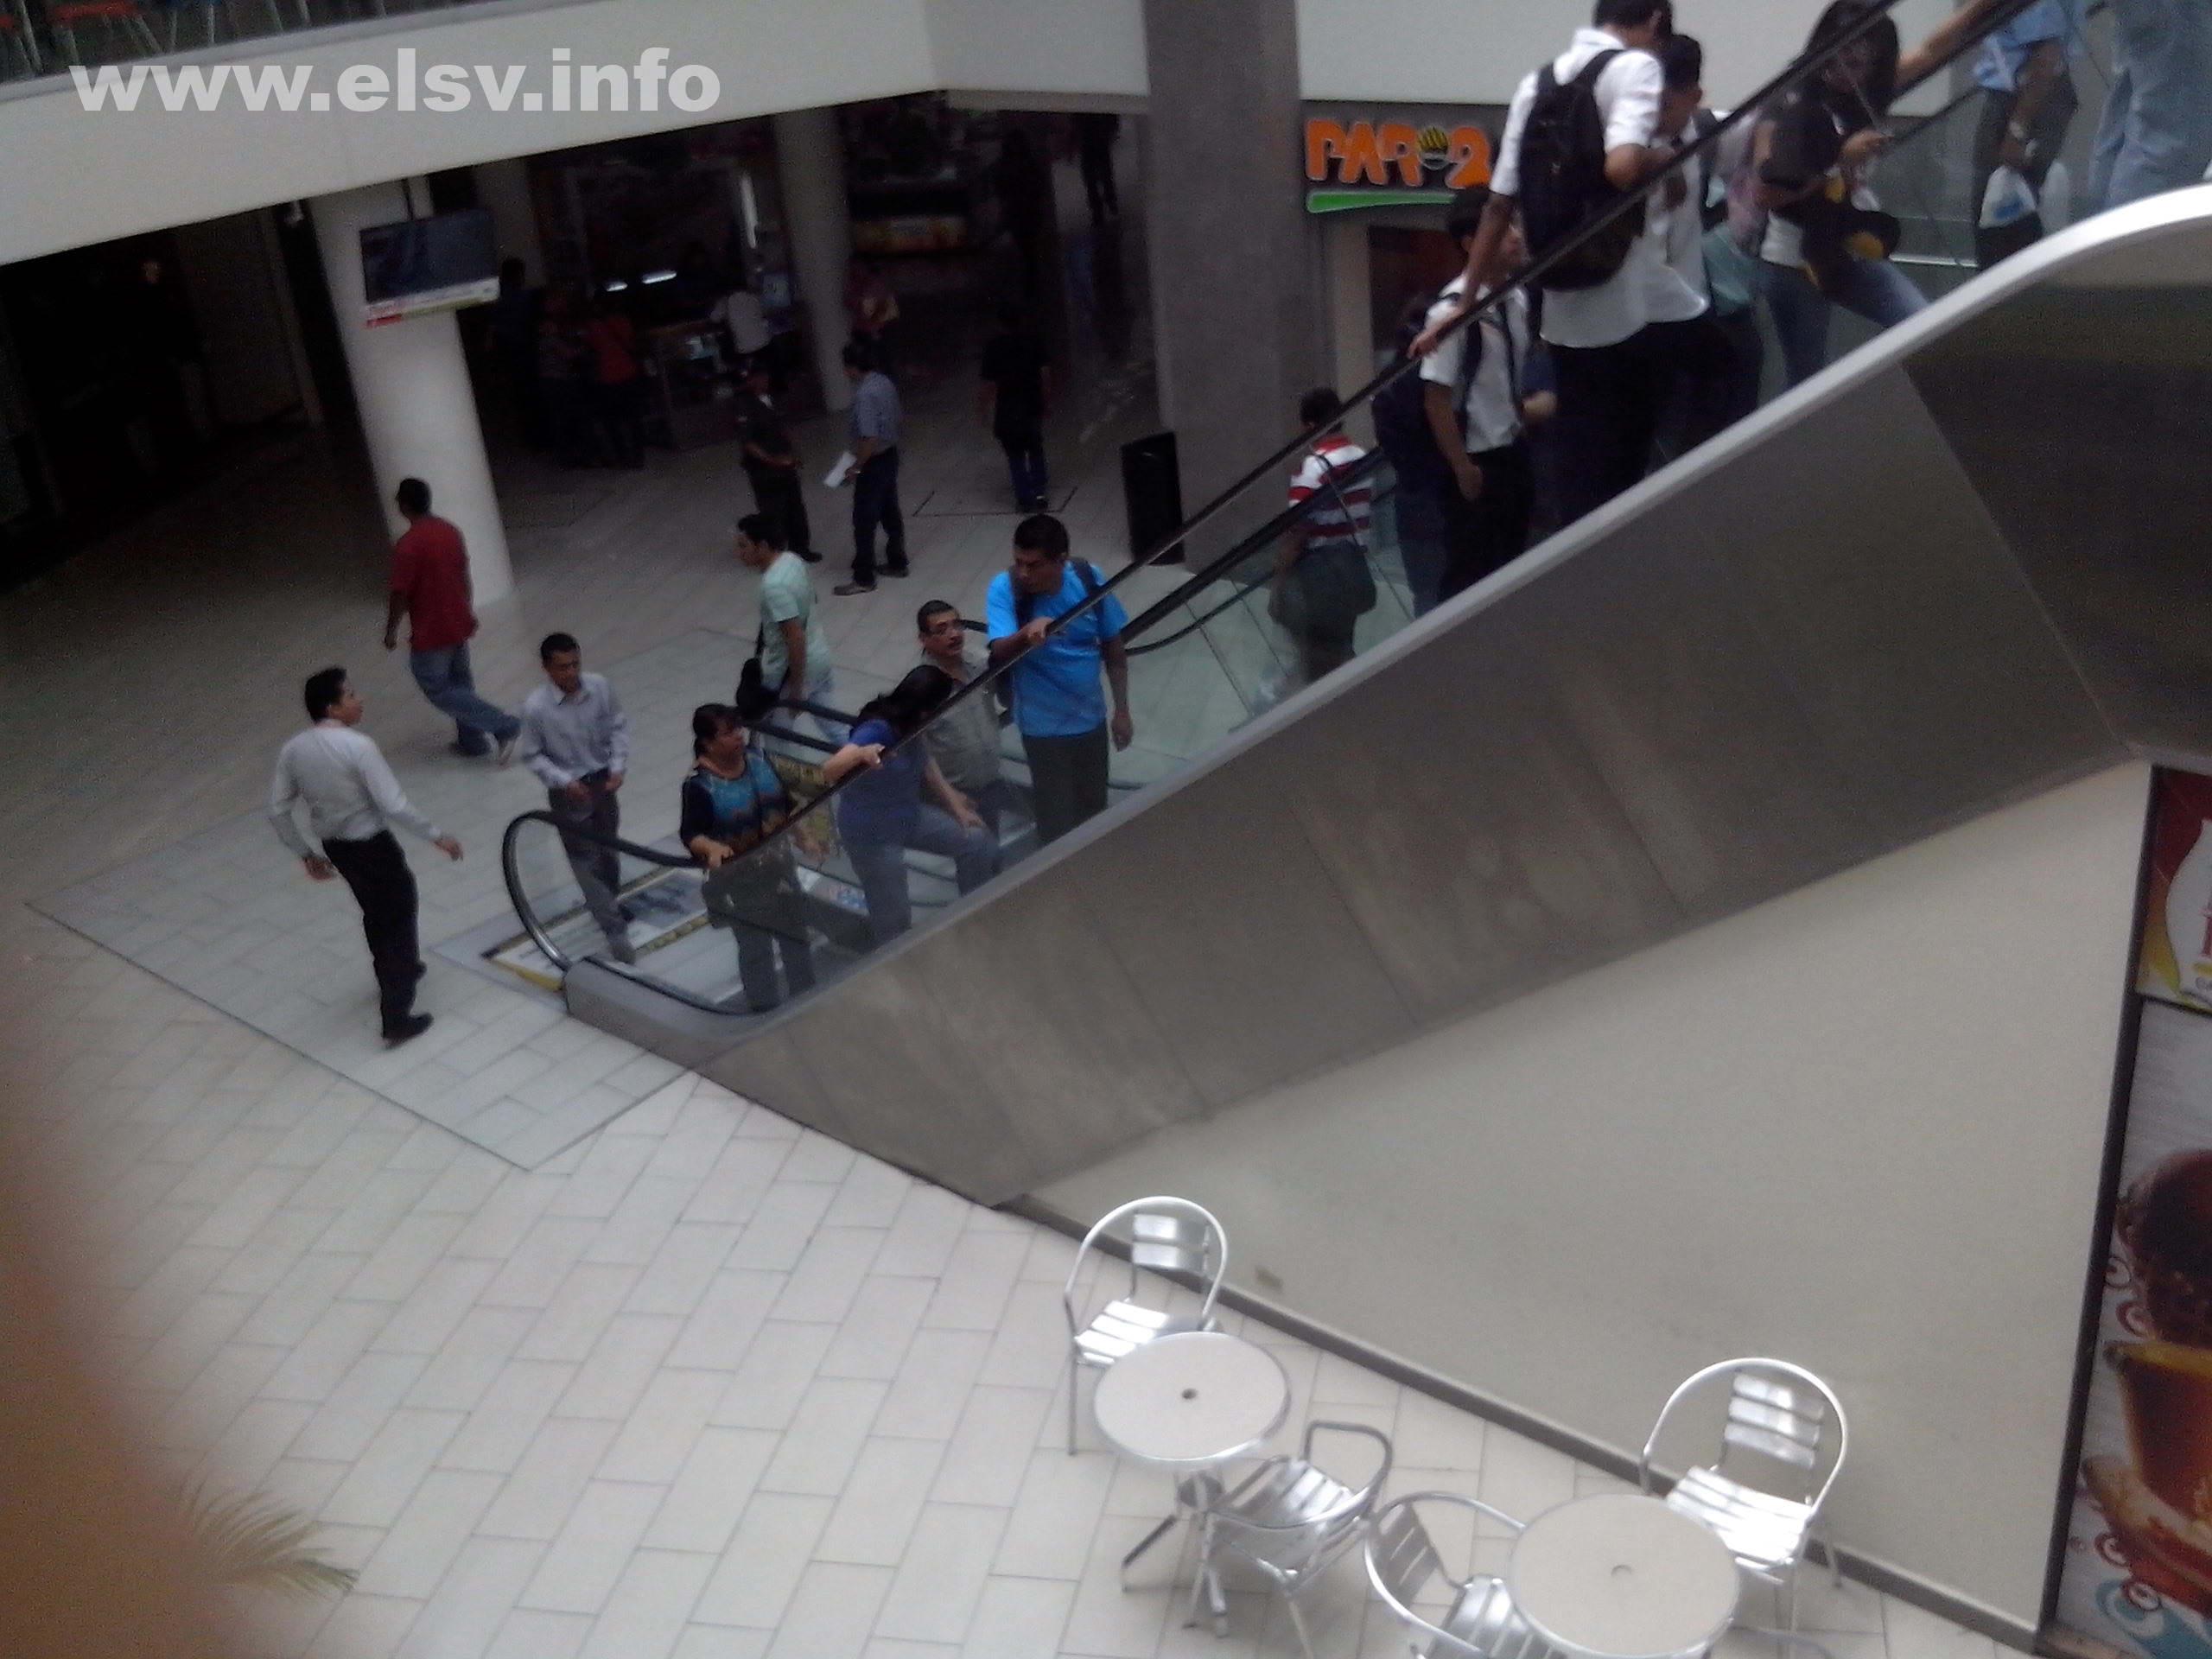 Metrocentro San Salvador, El Centro comercial mas grande de El Salvador